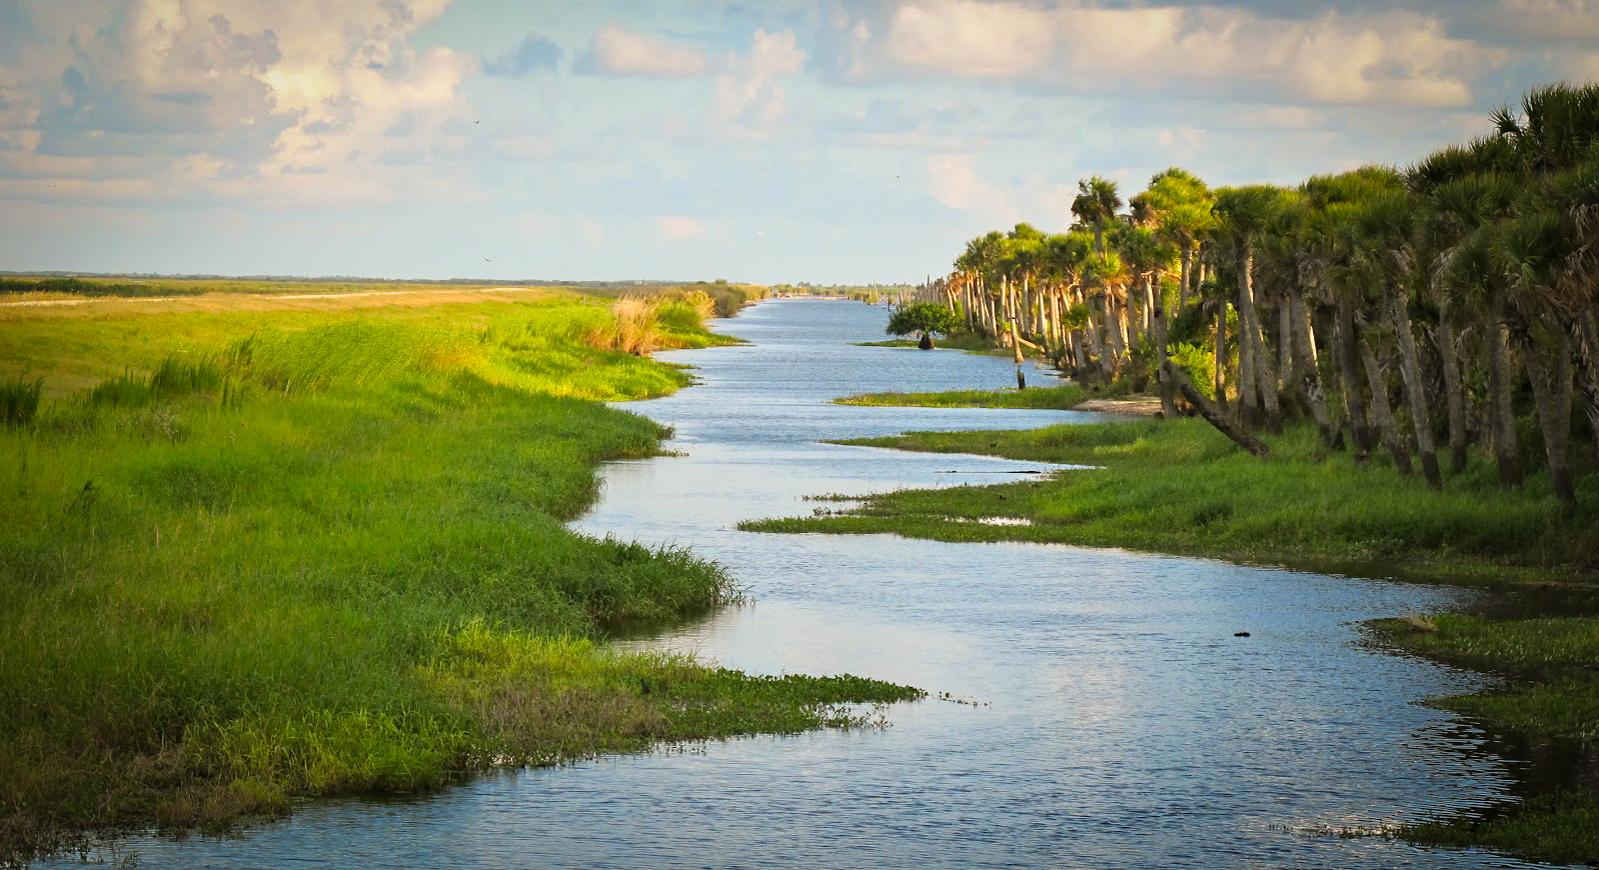 Image of Everglades, Florida via  Google .